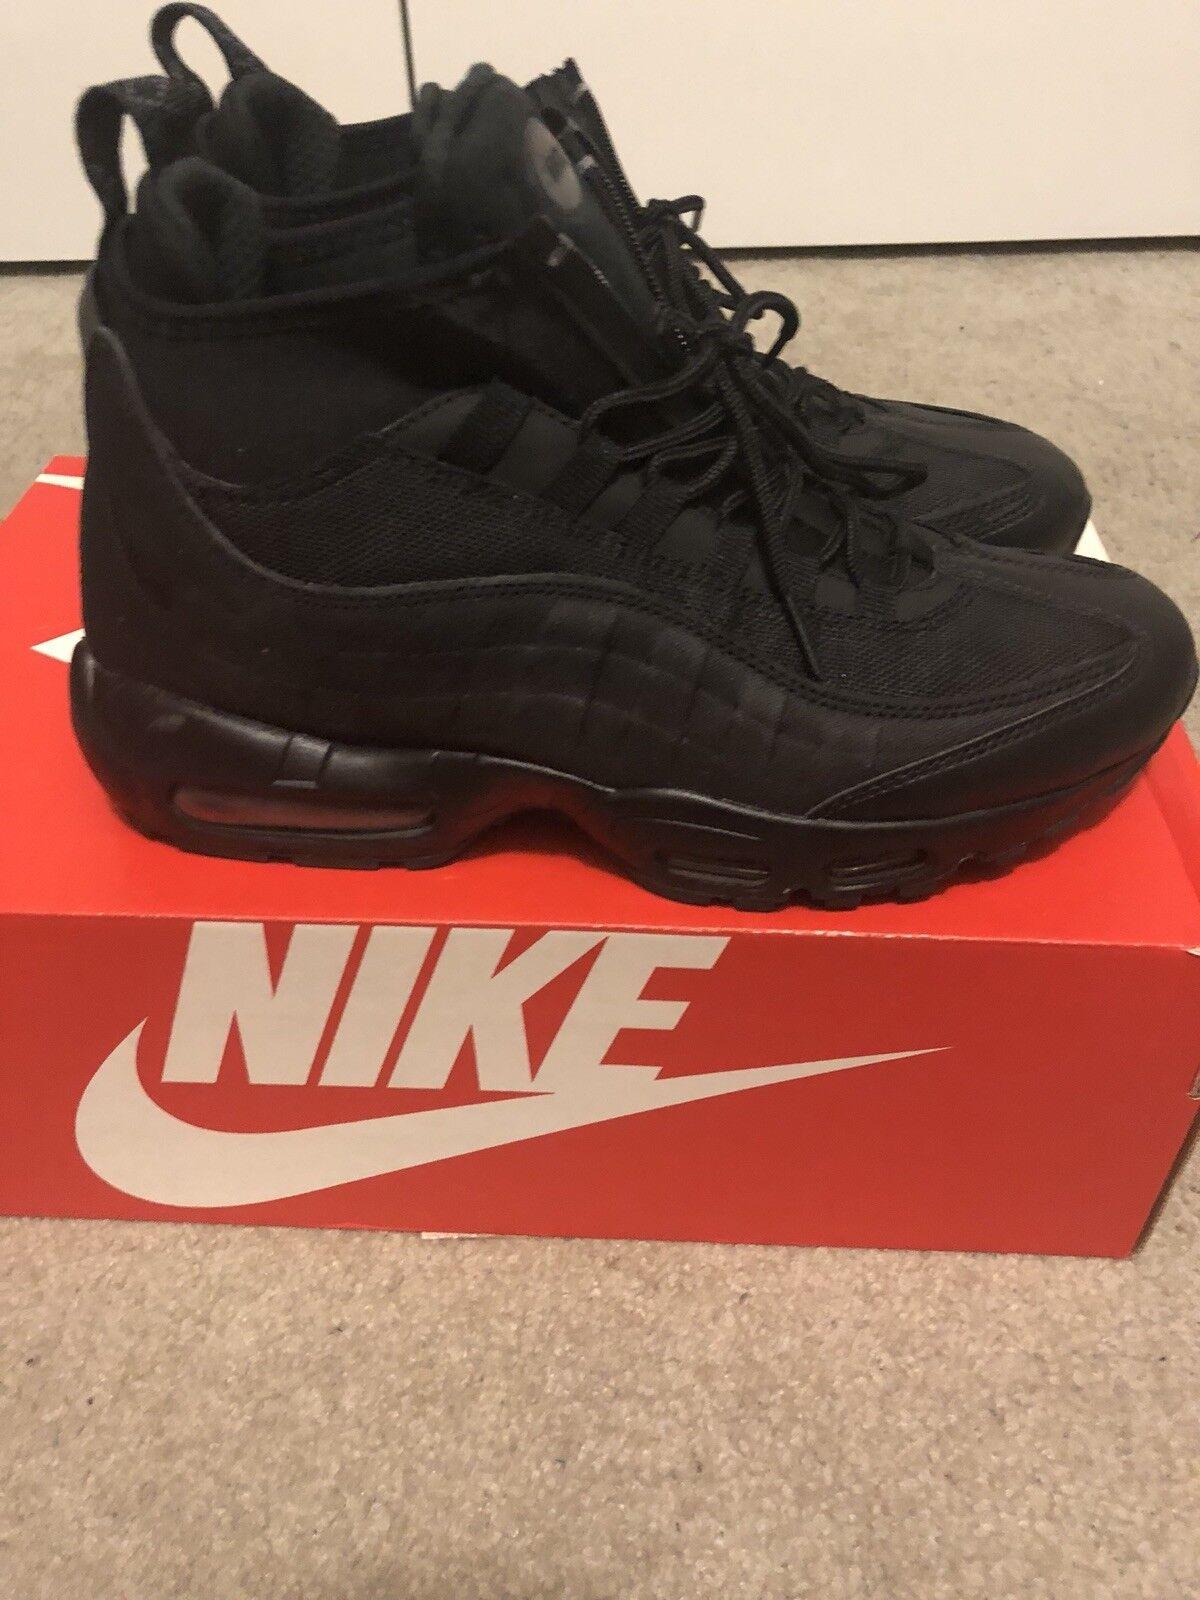 Men's Nike Air Max 95 Sneakerboot 806809-002 Size 8 Waterproof